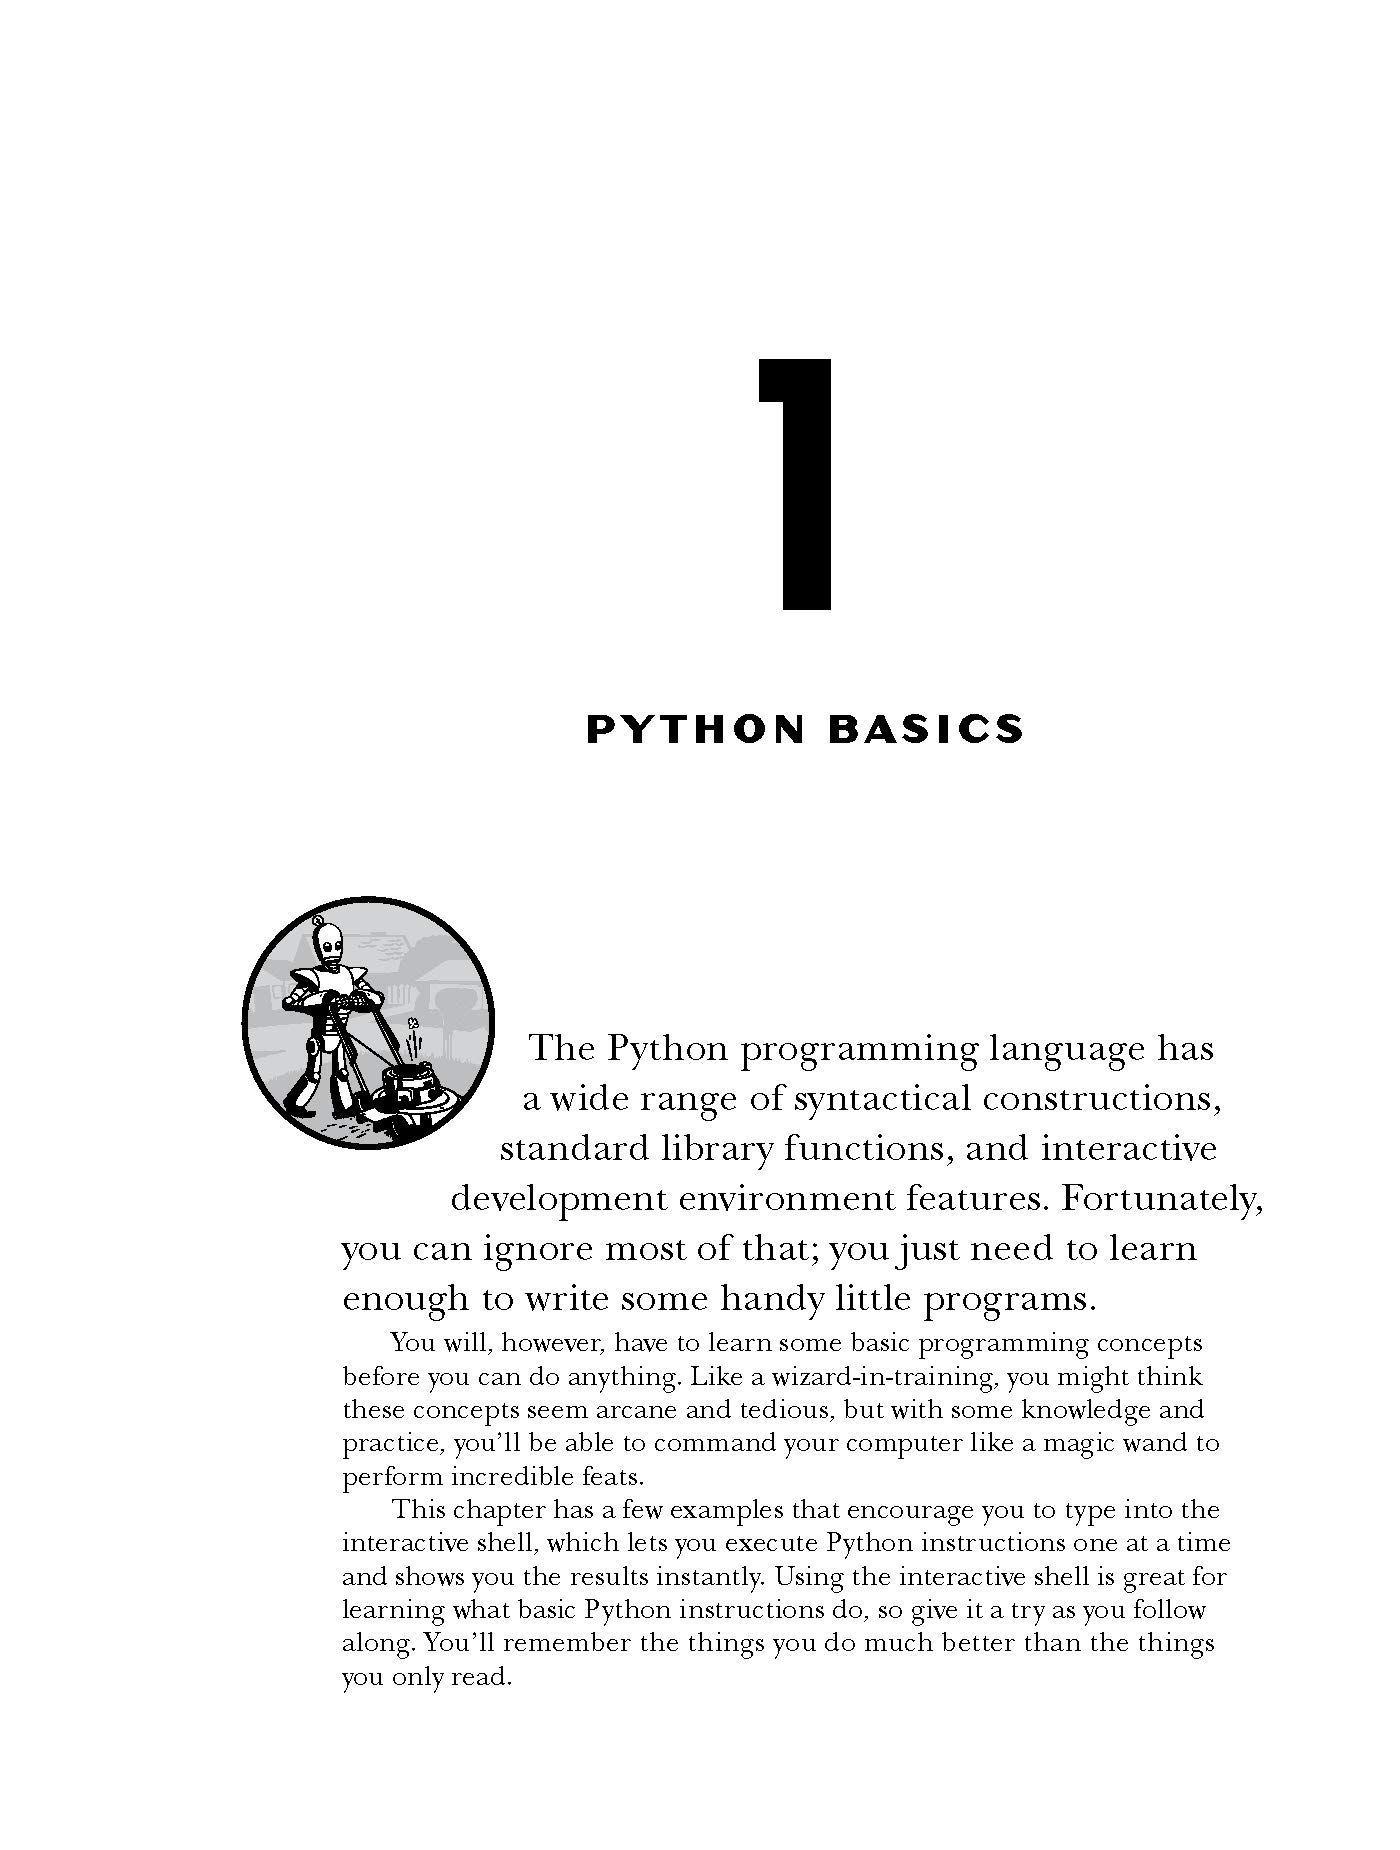 Automate Boring Stuff With Python Pdf Free